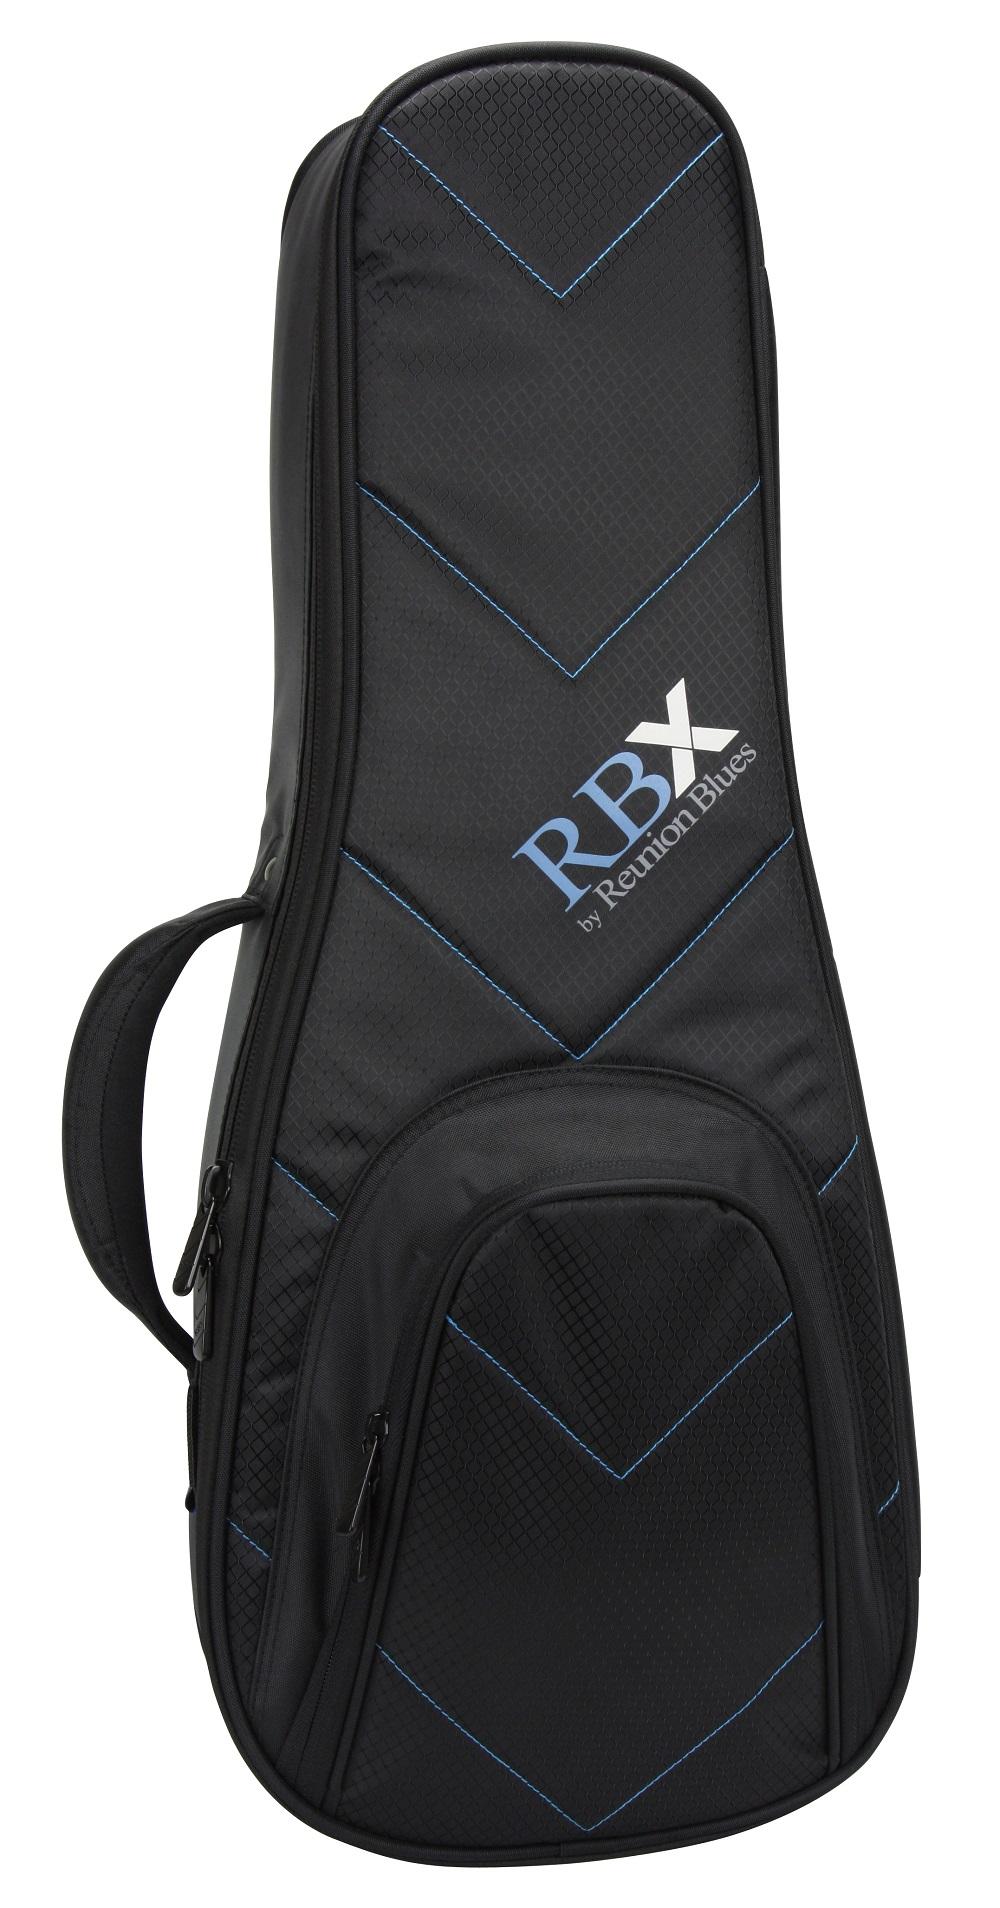 RBX-CUK